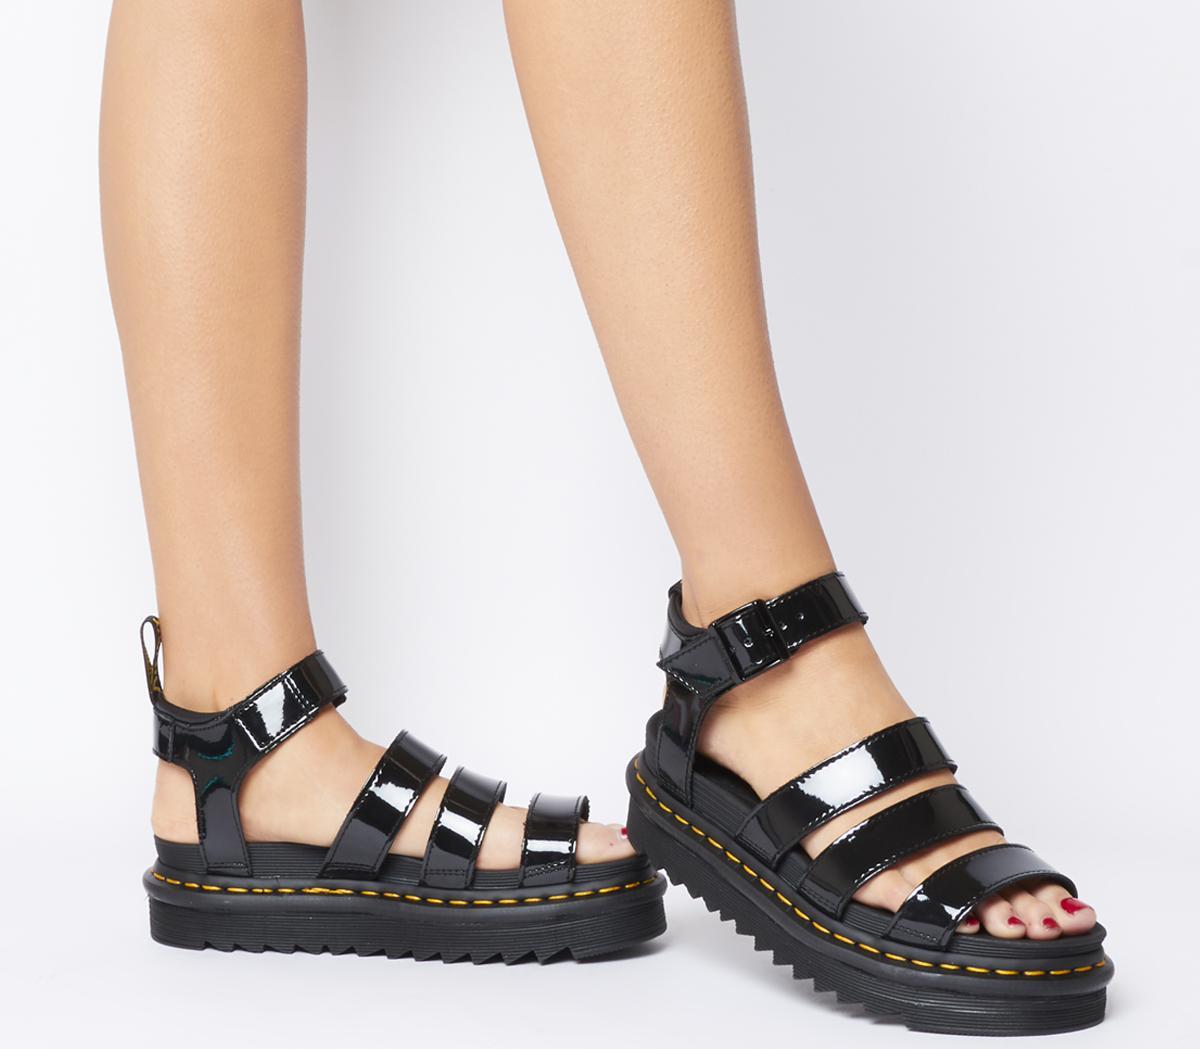 dr marten blaire patent sandals